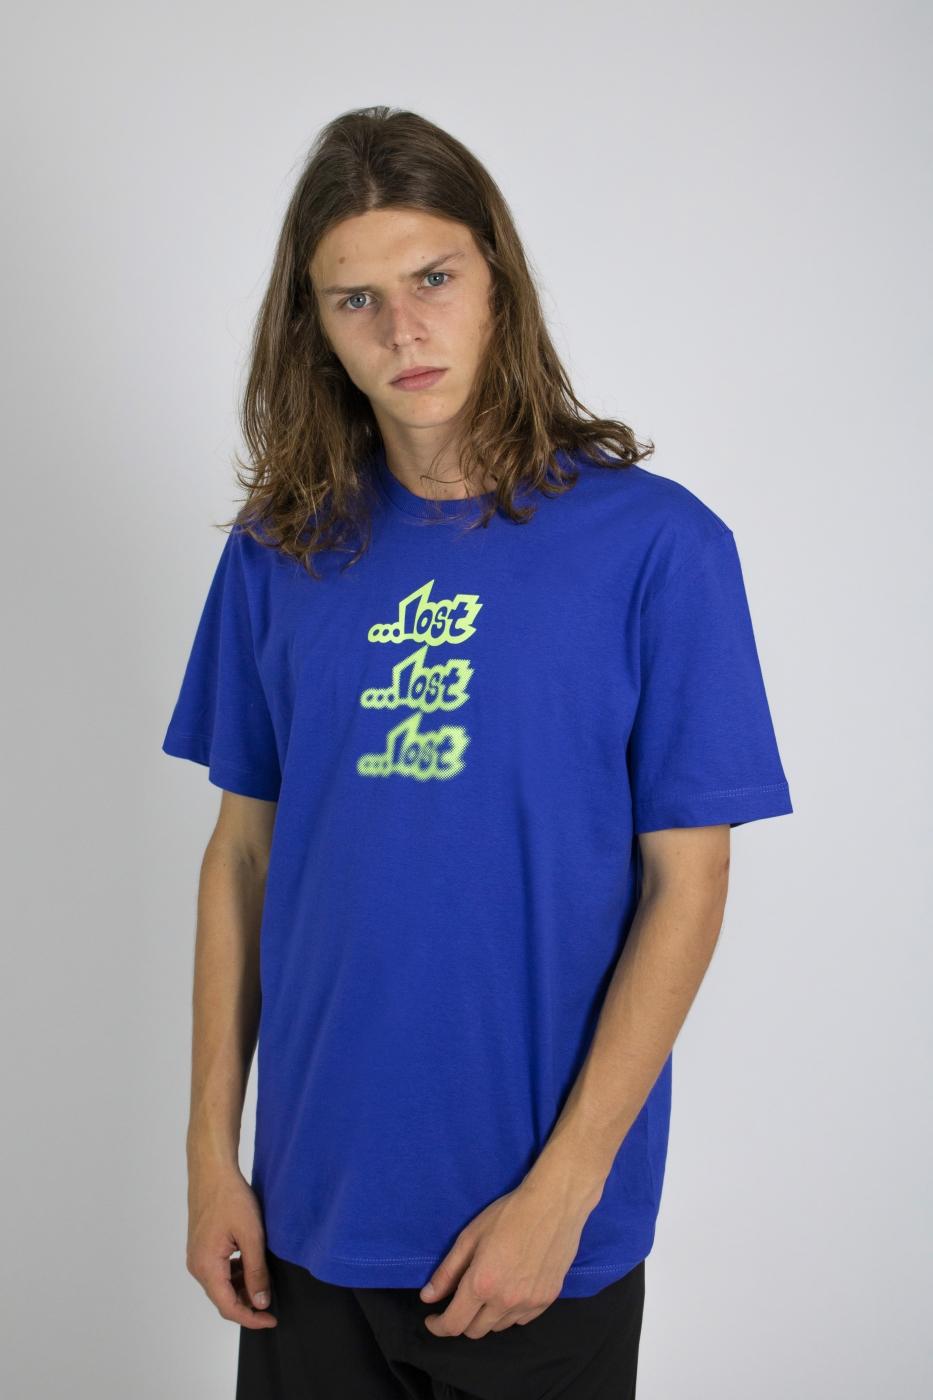 T-shirt Lost Glow Lost